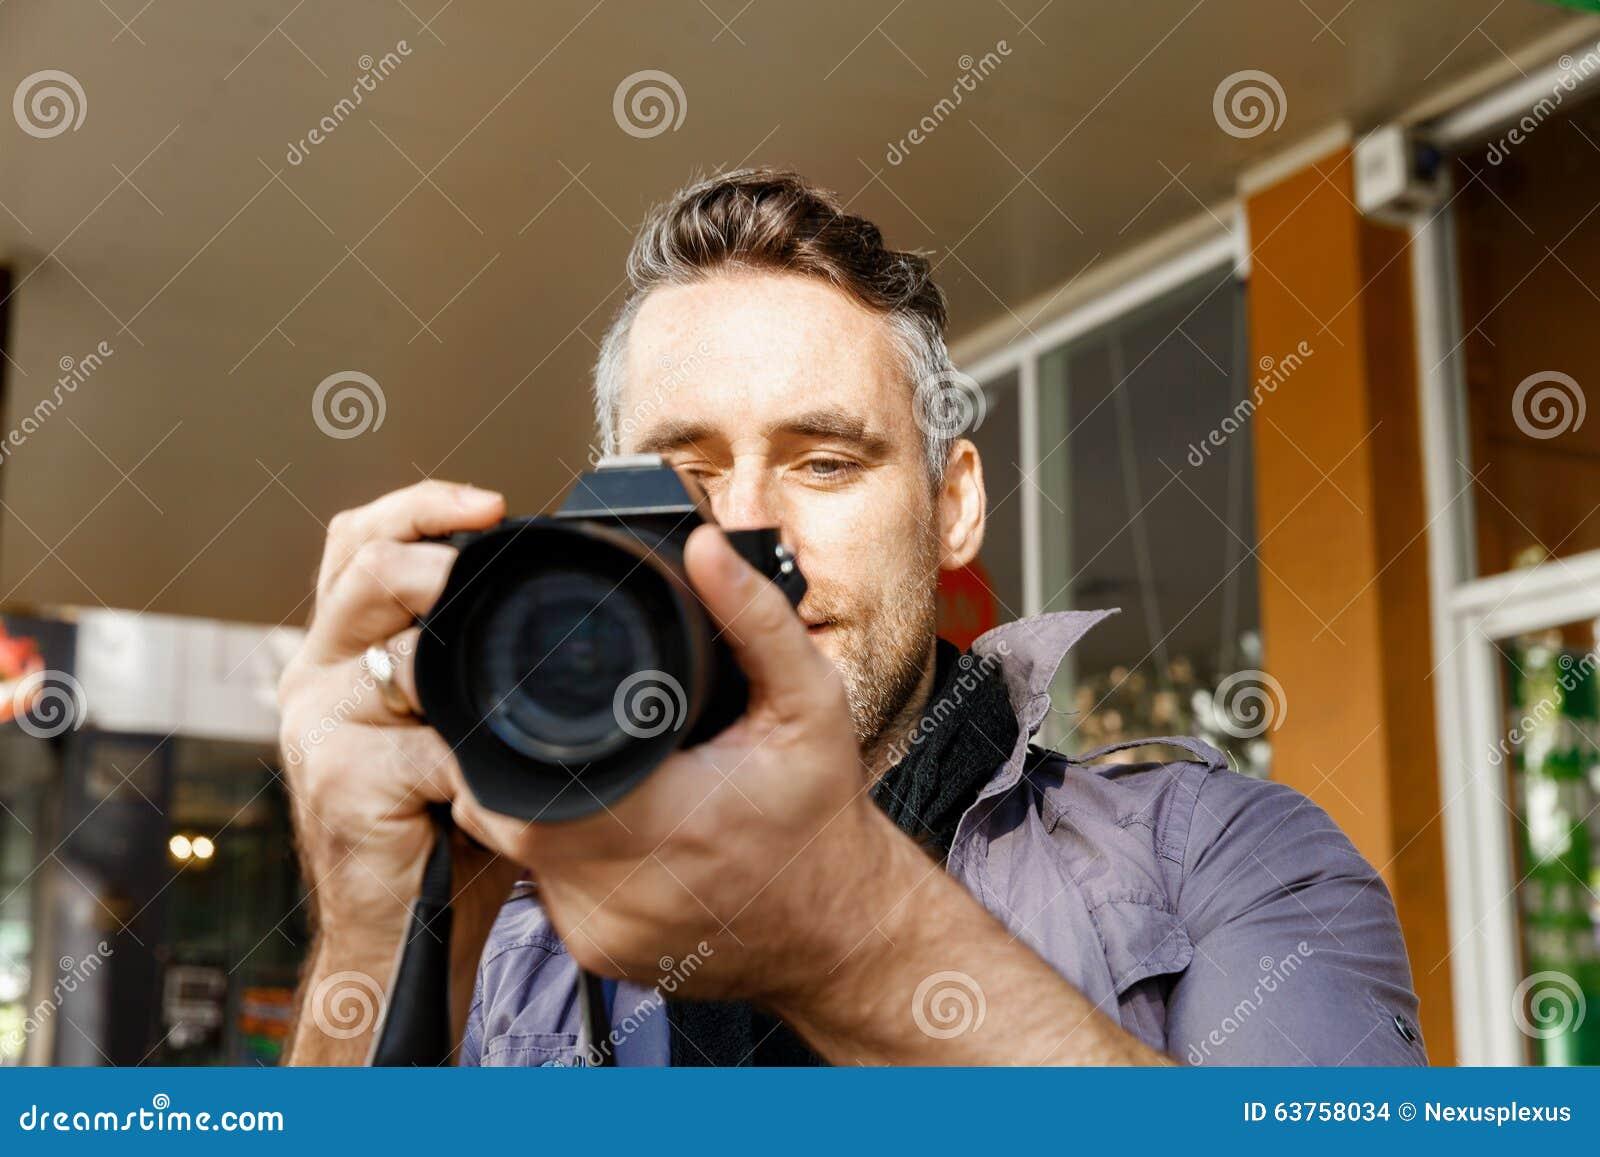 Mannelijke fotograaf die beeld nemen